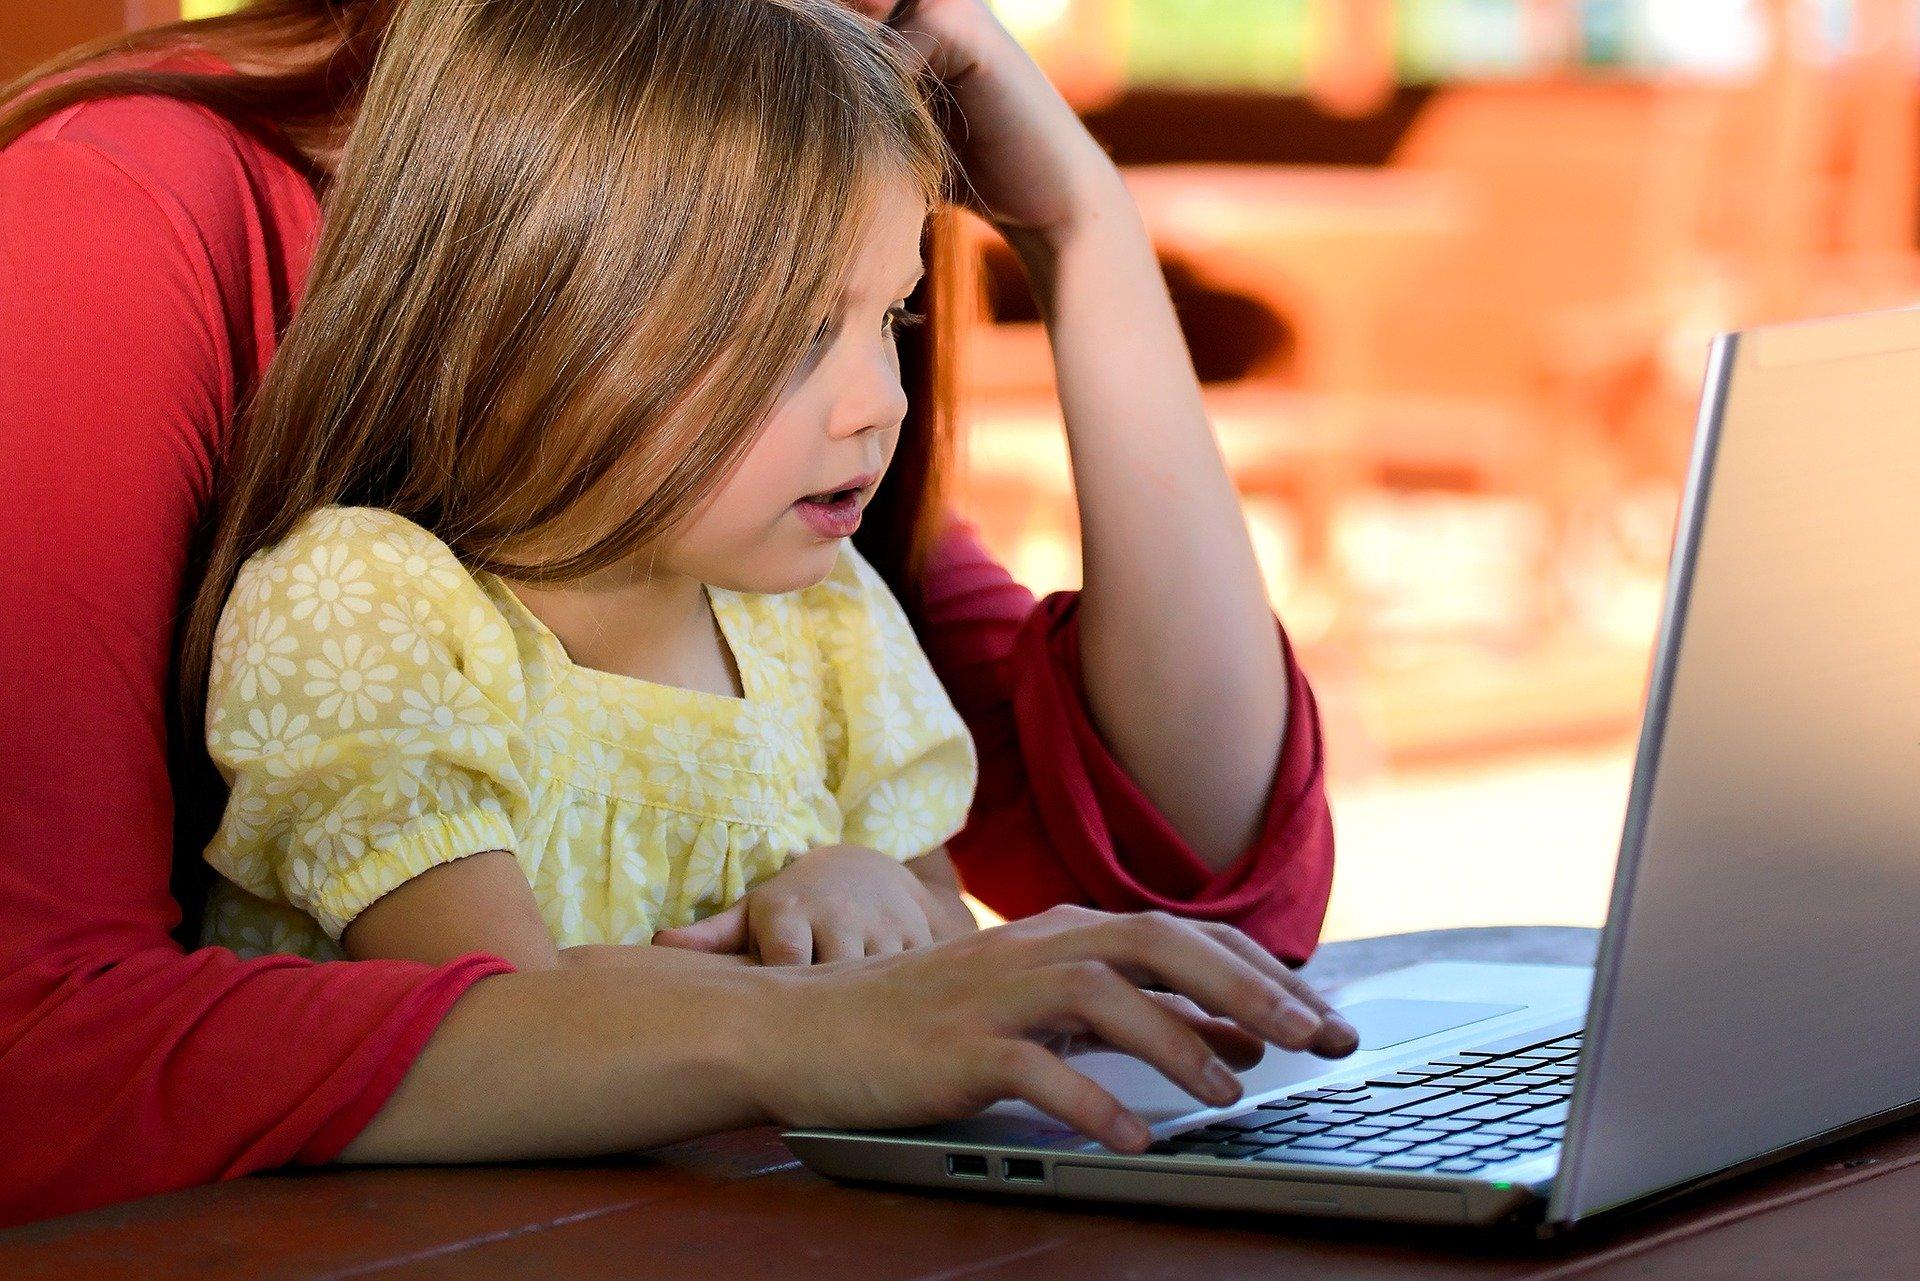 aider son enfant sur internet - avertir des dangers - contrôle parental - protection -